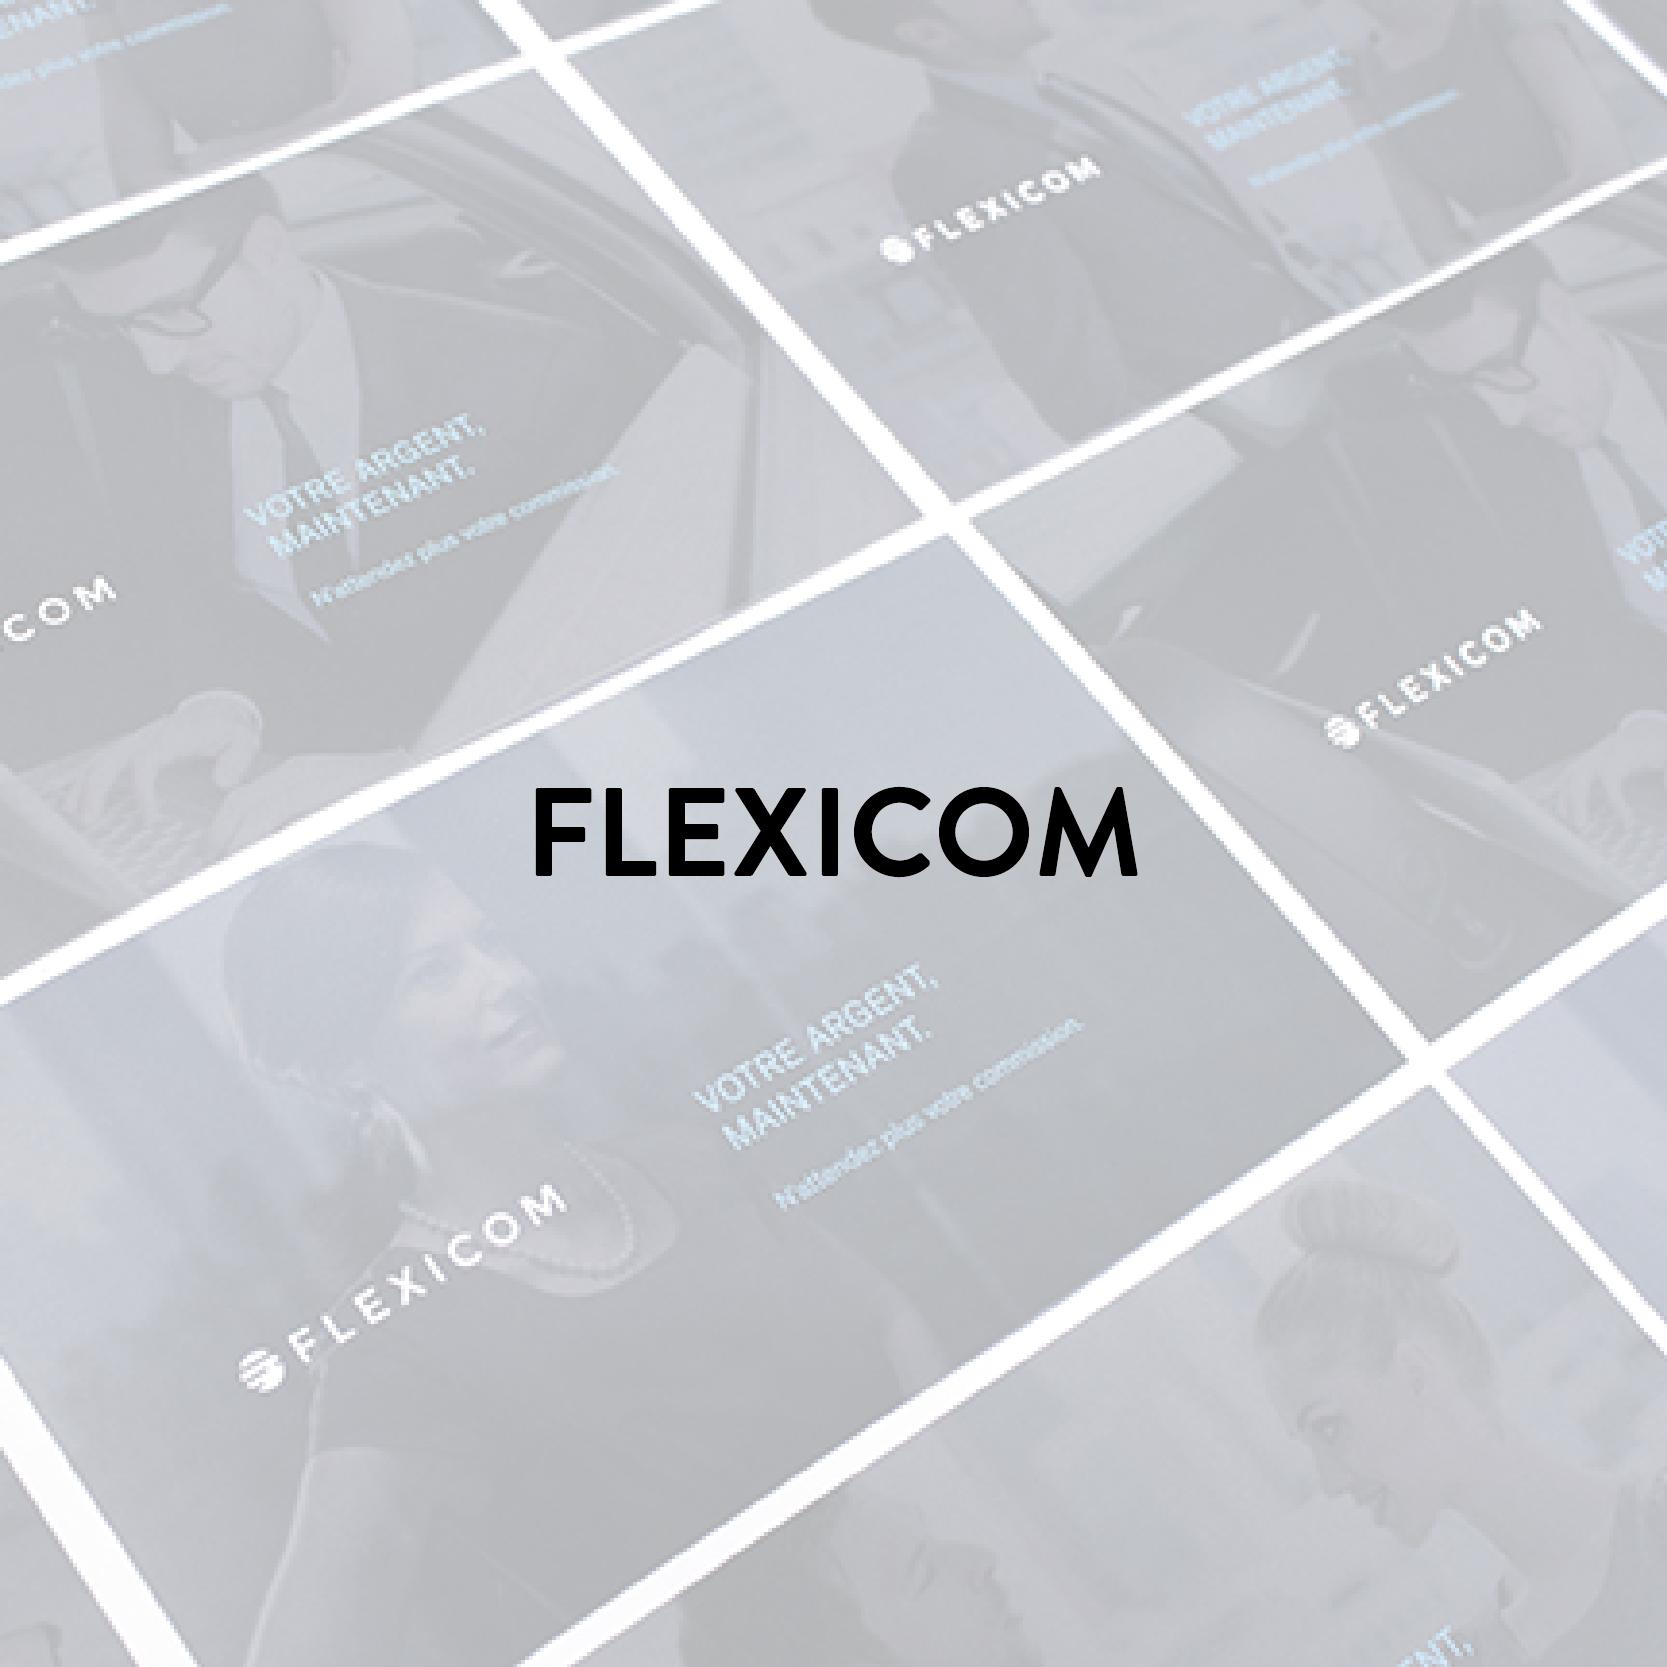 Flexicom